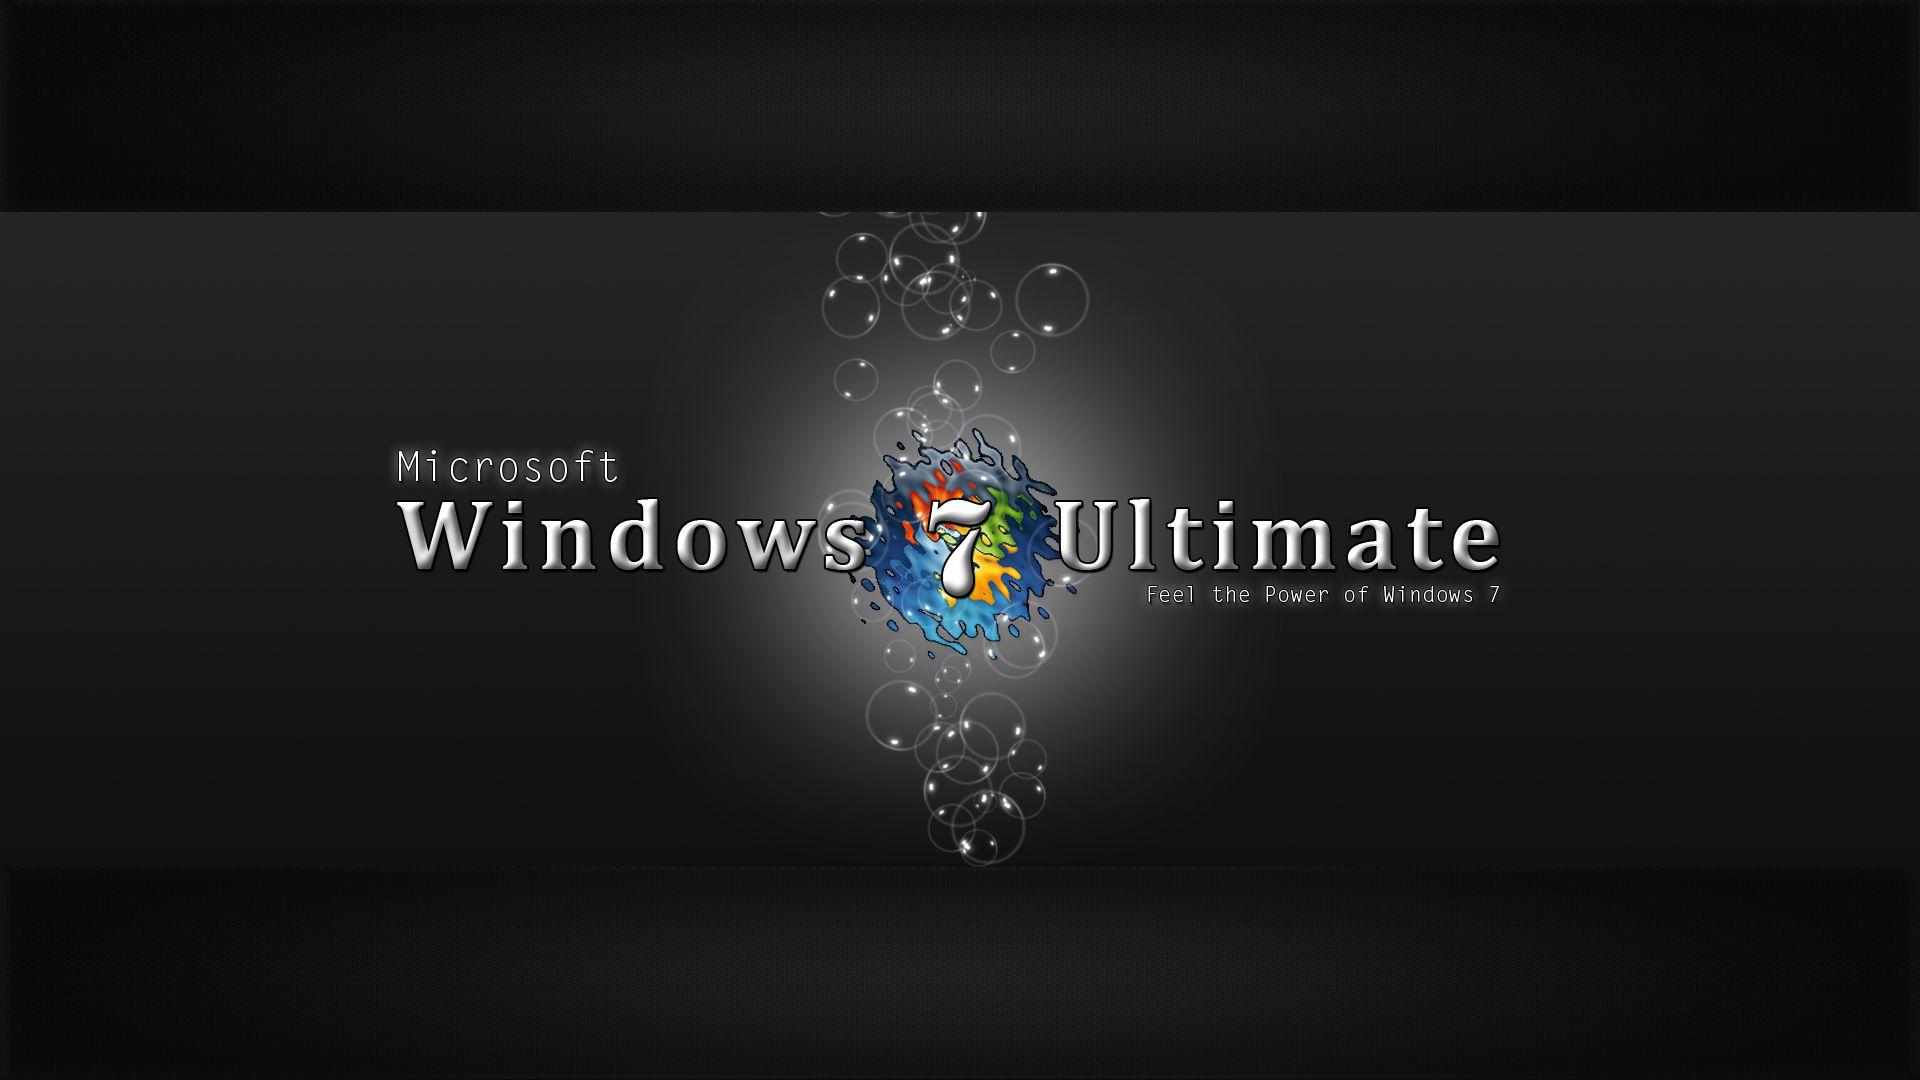 matrix got windows hd desktop wallpaper high definition hd wallpapers for windows 7 wallpapers